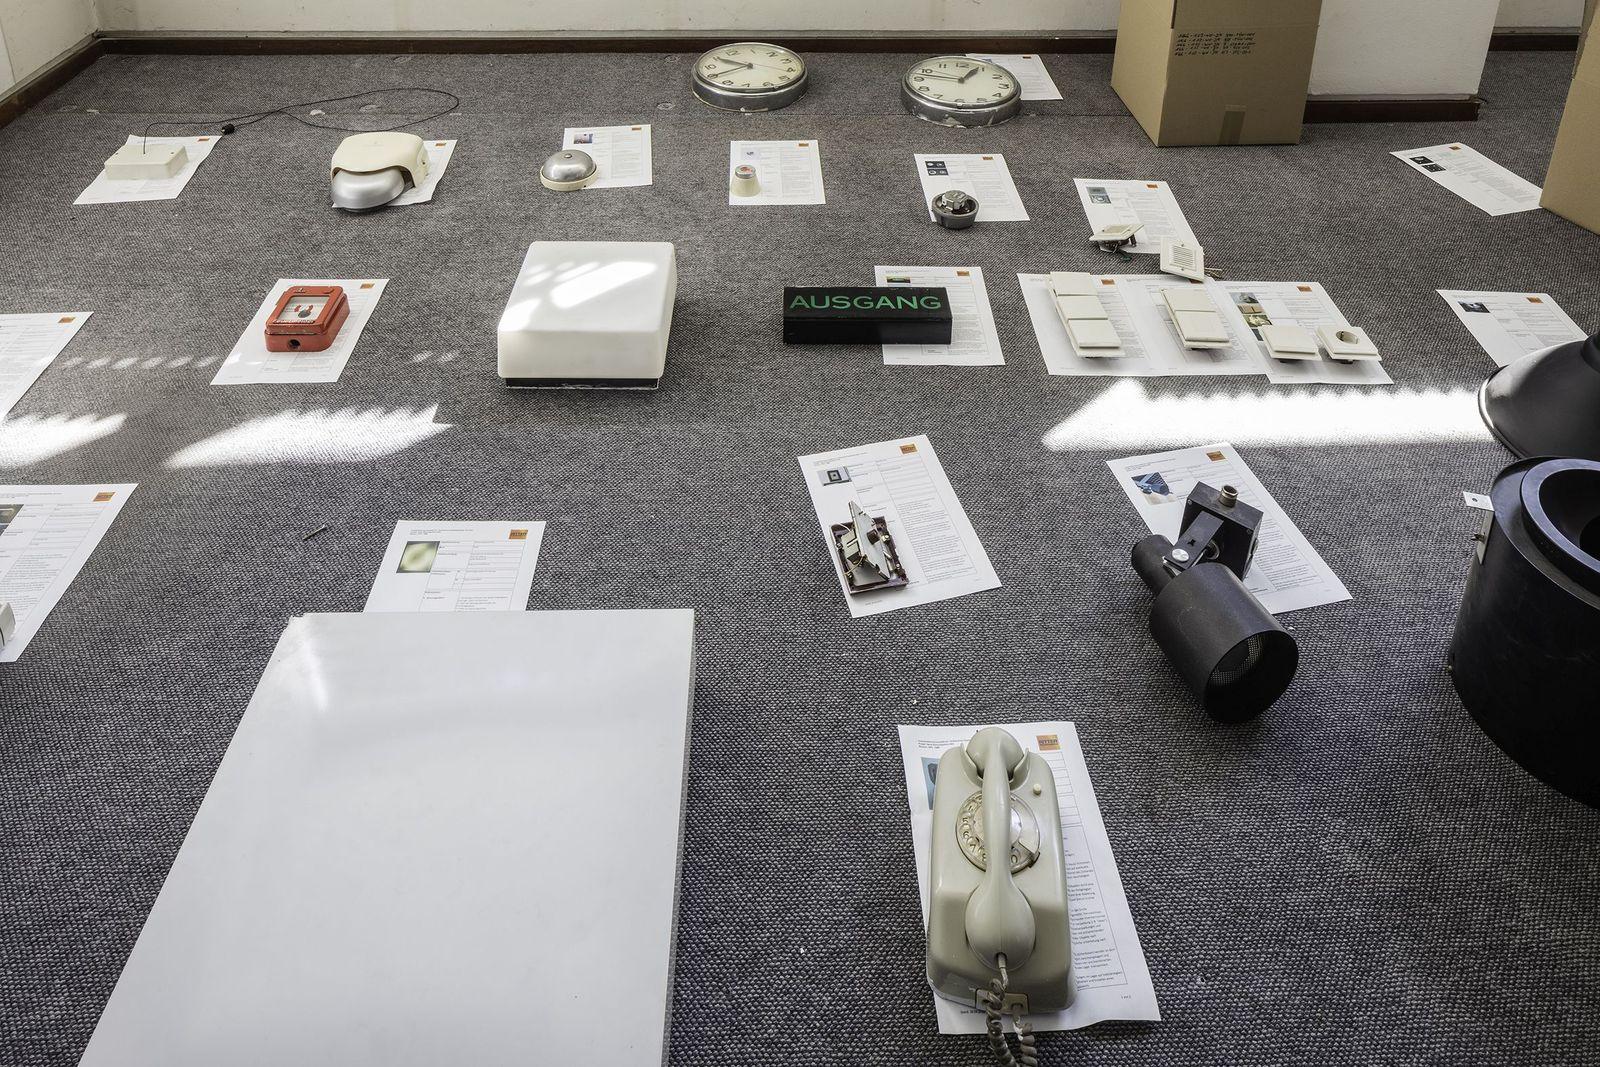 Sammlung von Objekten der bauzeitlichen technischen Gebäudeausrüstung zur Einlagerung während der Grundinstandsetzung des Museums. Foto: © Ute Zscharnt für David Chipperfield Architects